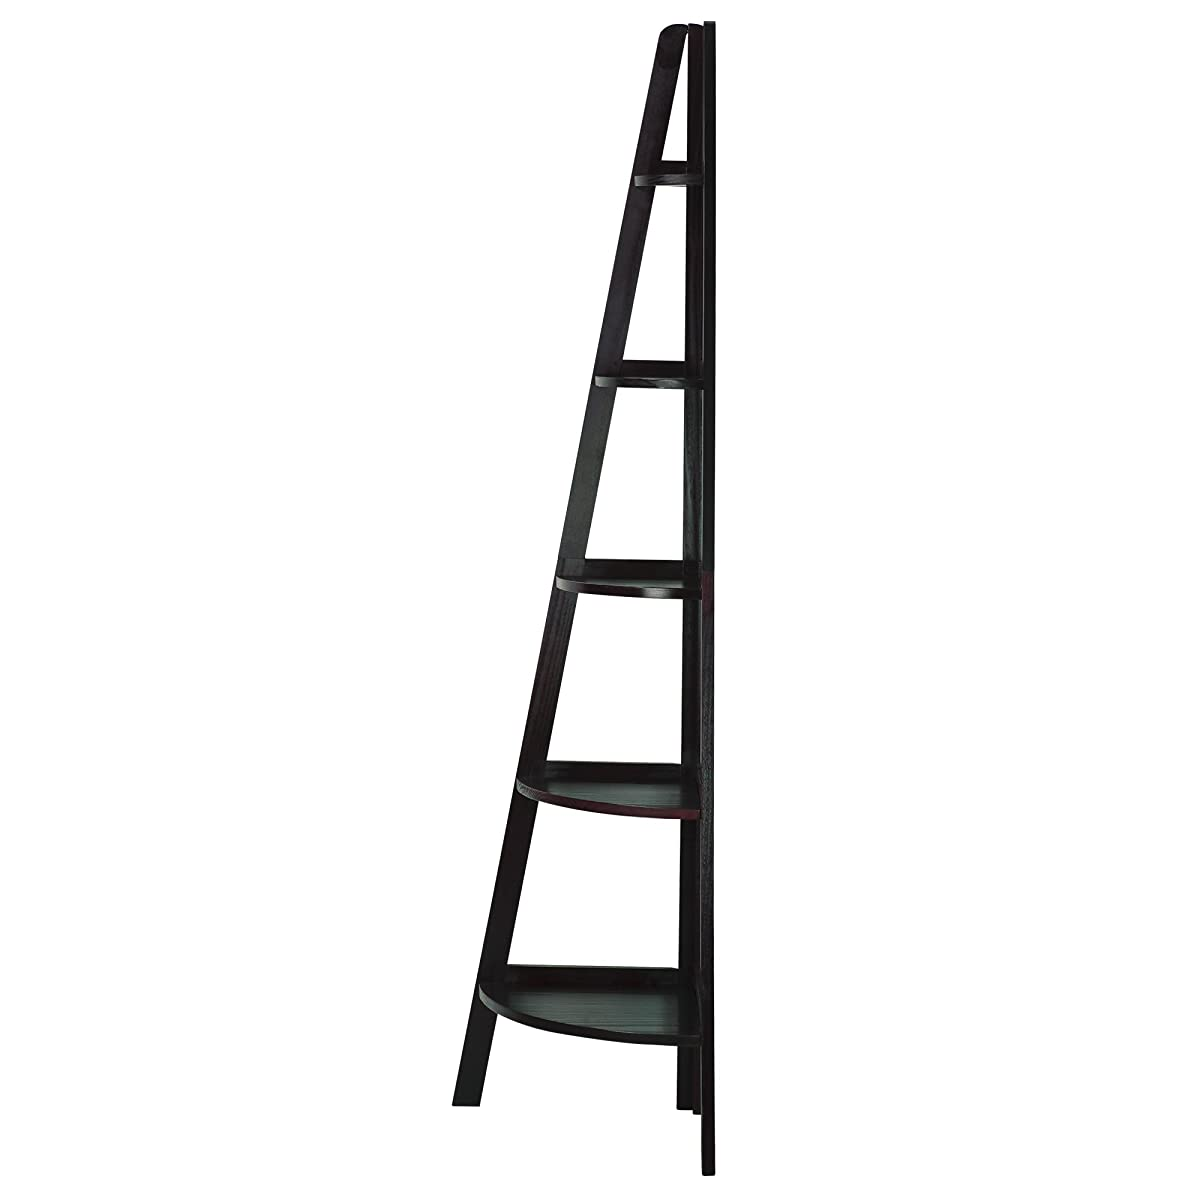 Casual Home 5-Shelf Corner Ladder Bookcase